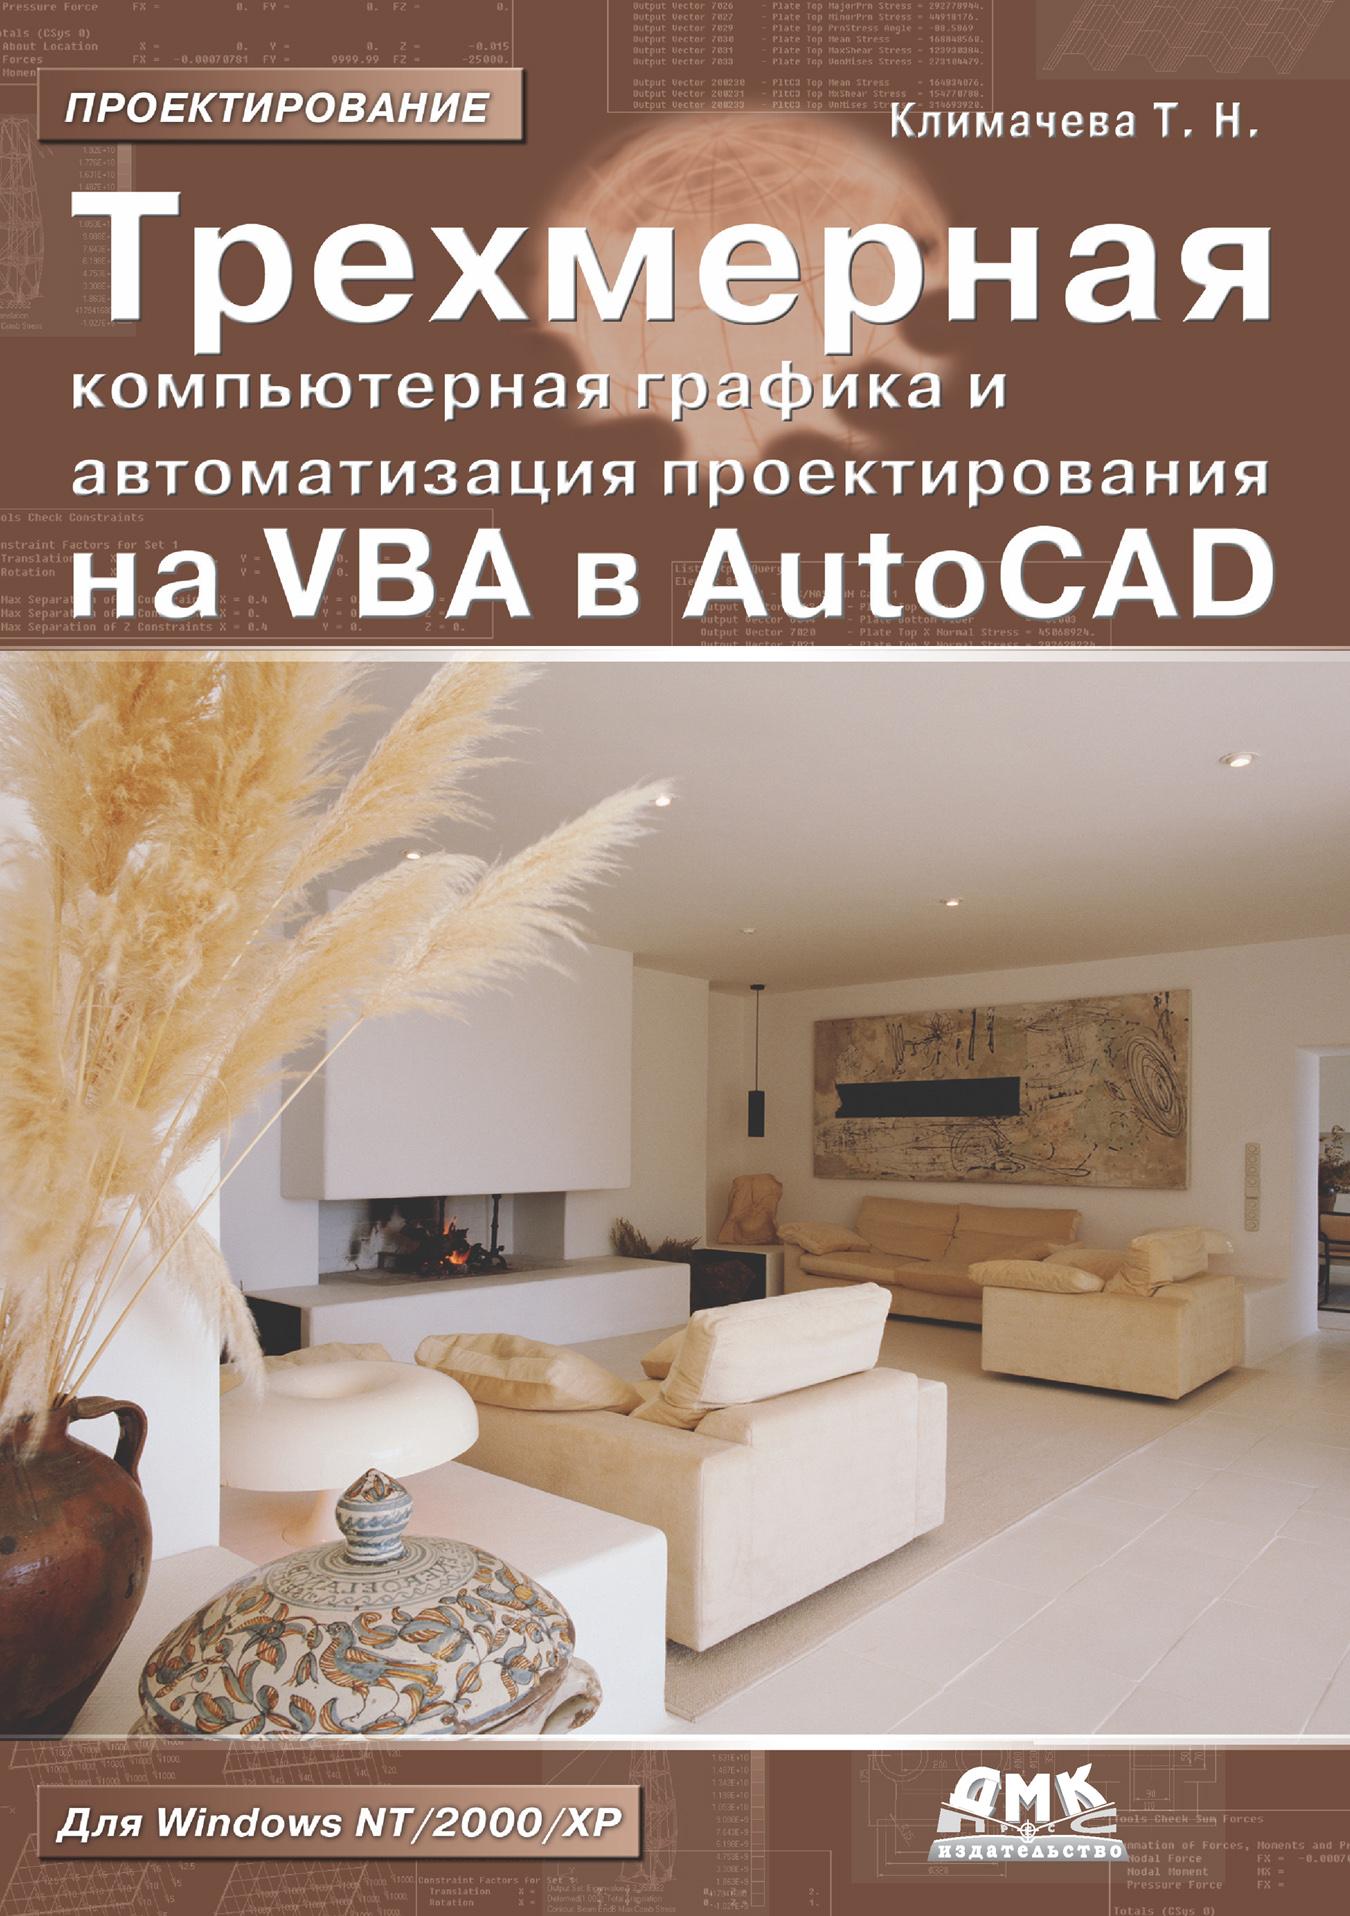 Татьяна Николаевна Климачева Трехмерная компьютерная графика и автоматизация проектирования на VBA в AutoCAD